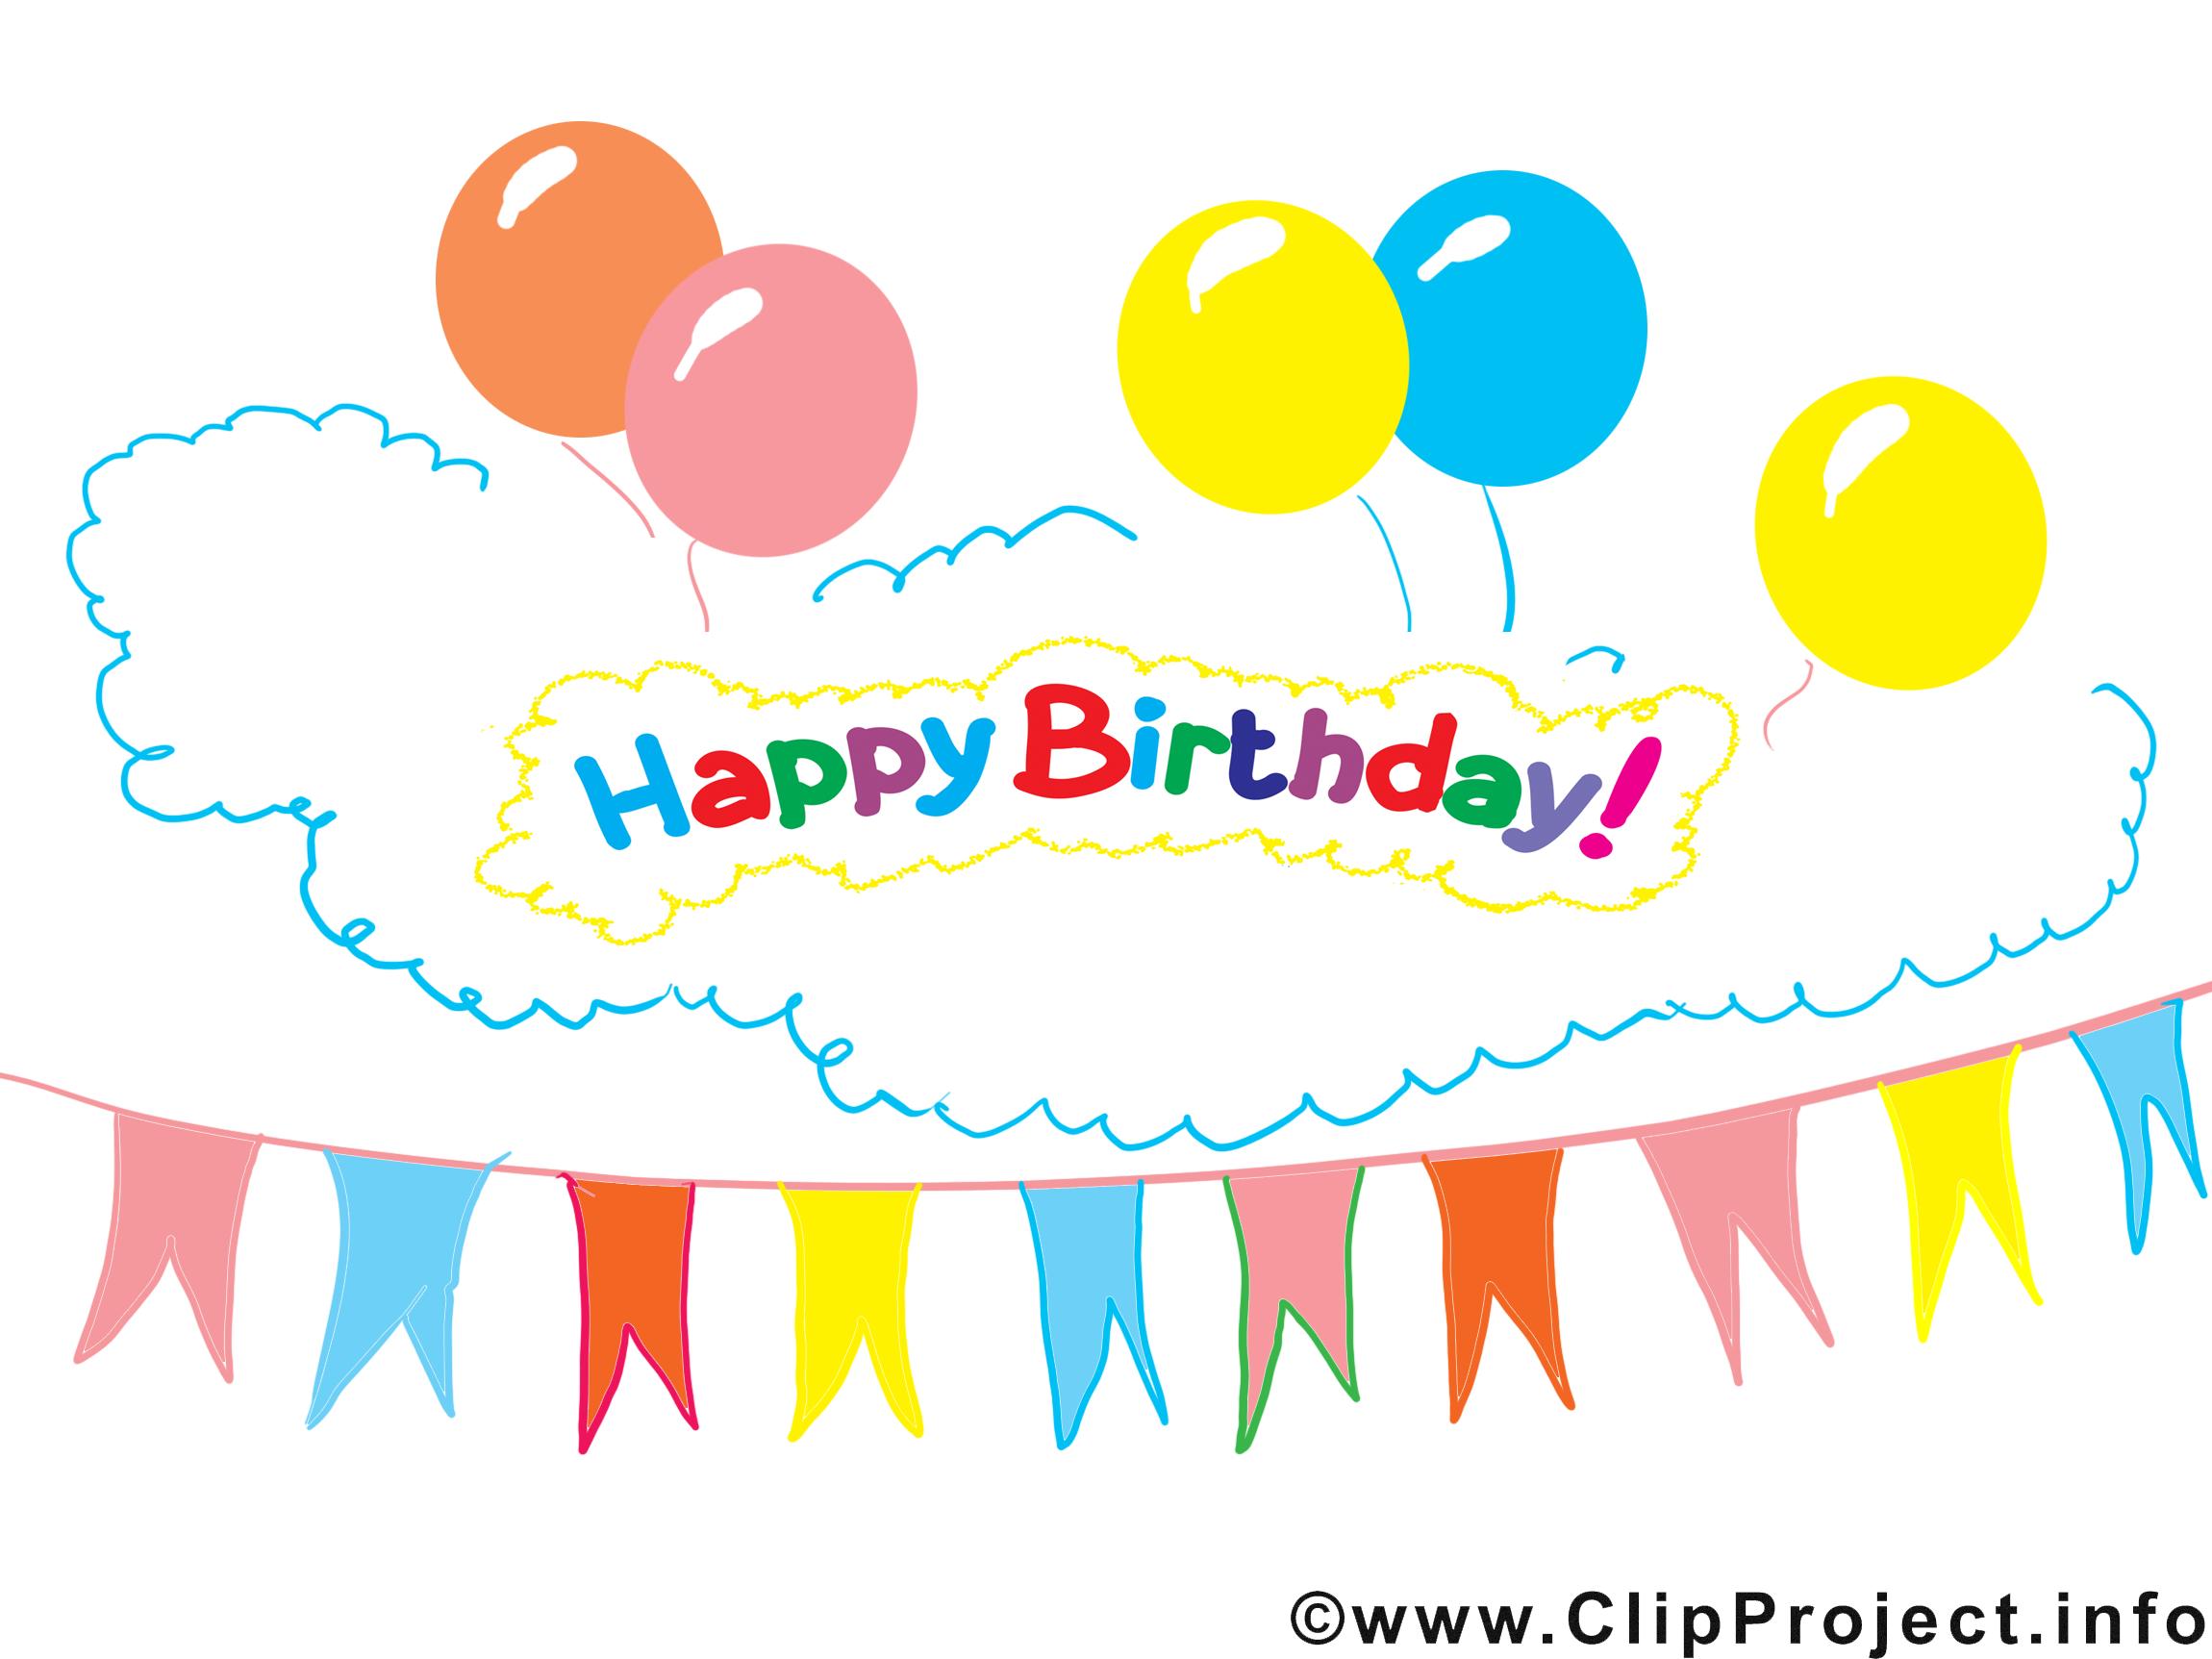 F te clipart gratuit anniversaire images cartes virtuelles anniversaire dessin picture - Clipart anniversaire gratuit telecharger ...